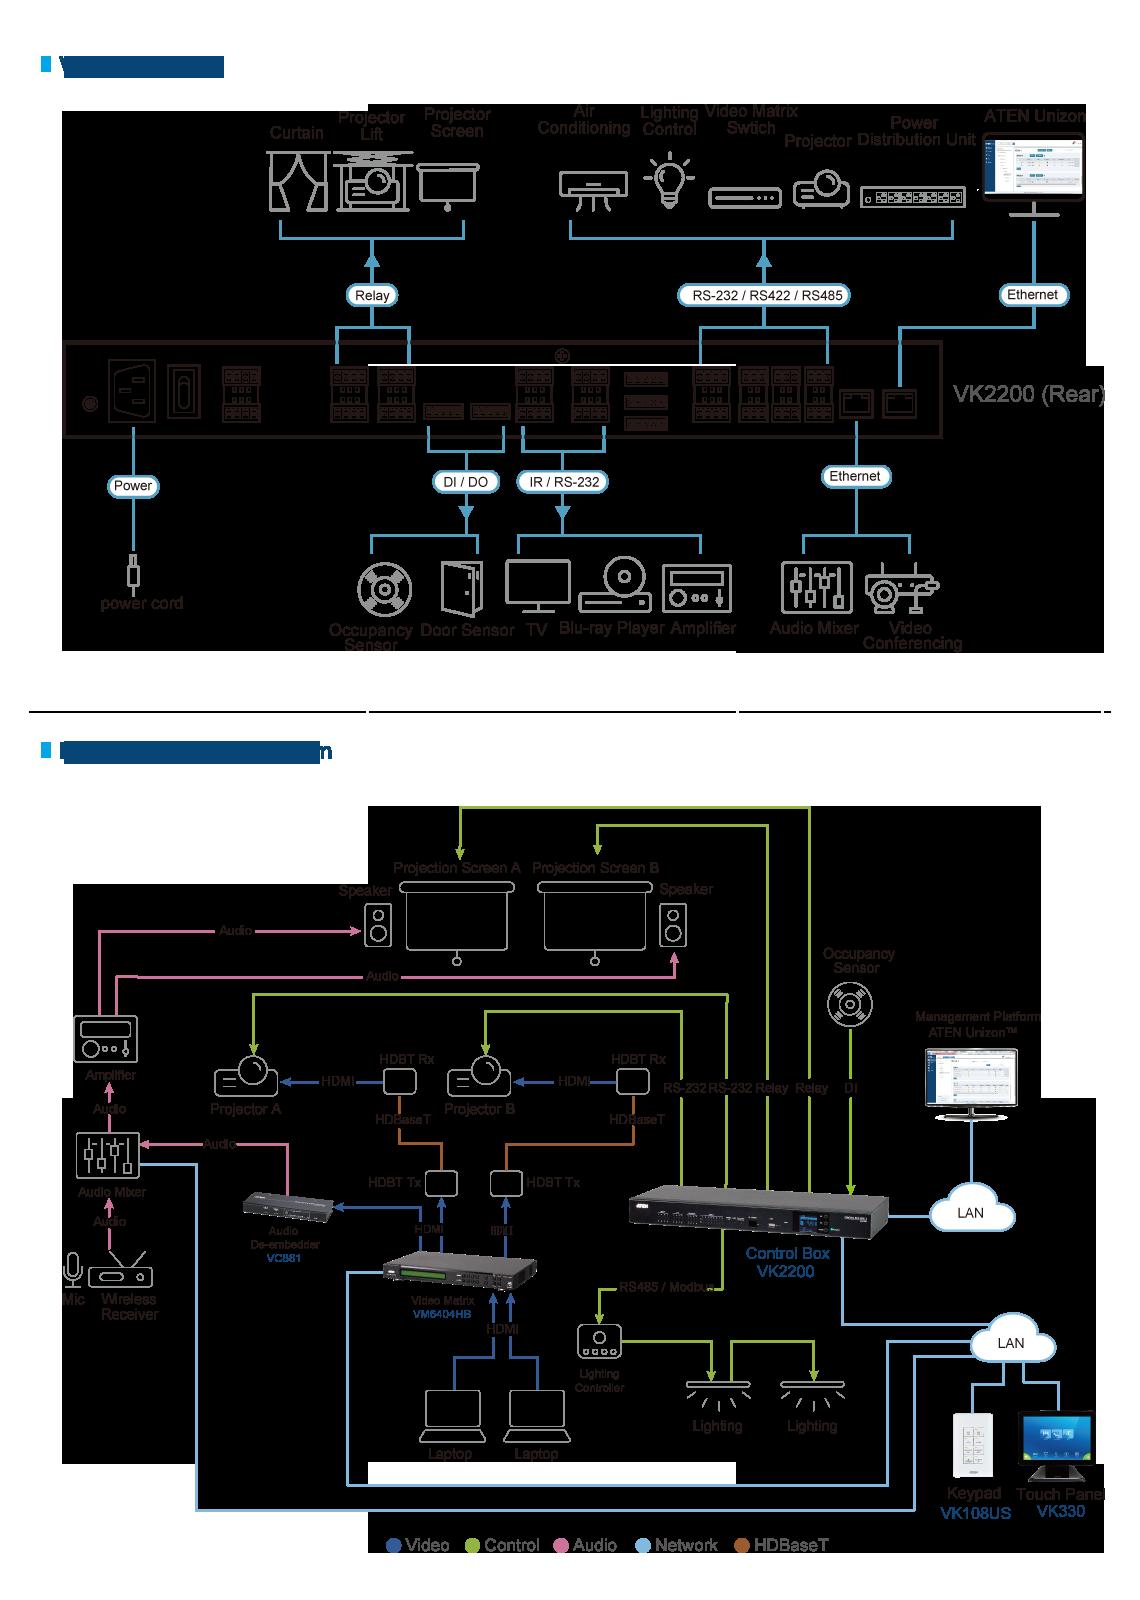 VK2200 Diagram